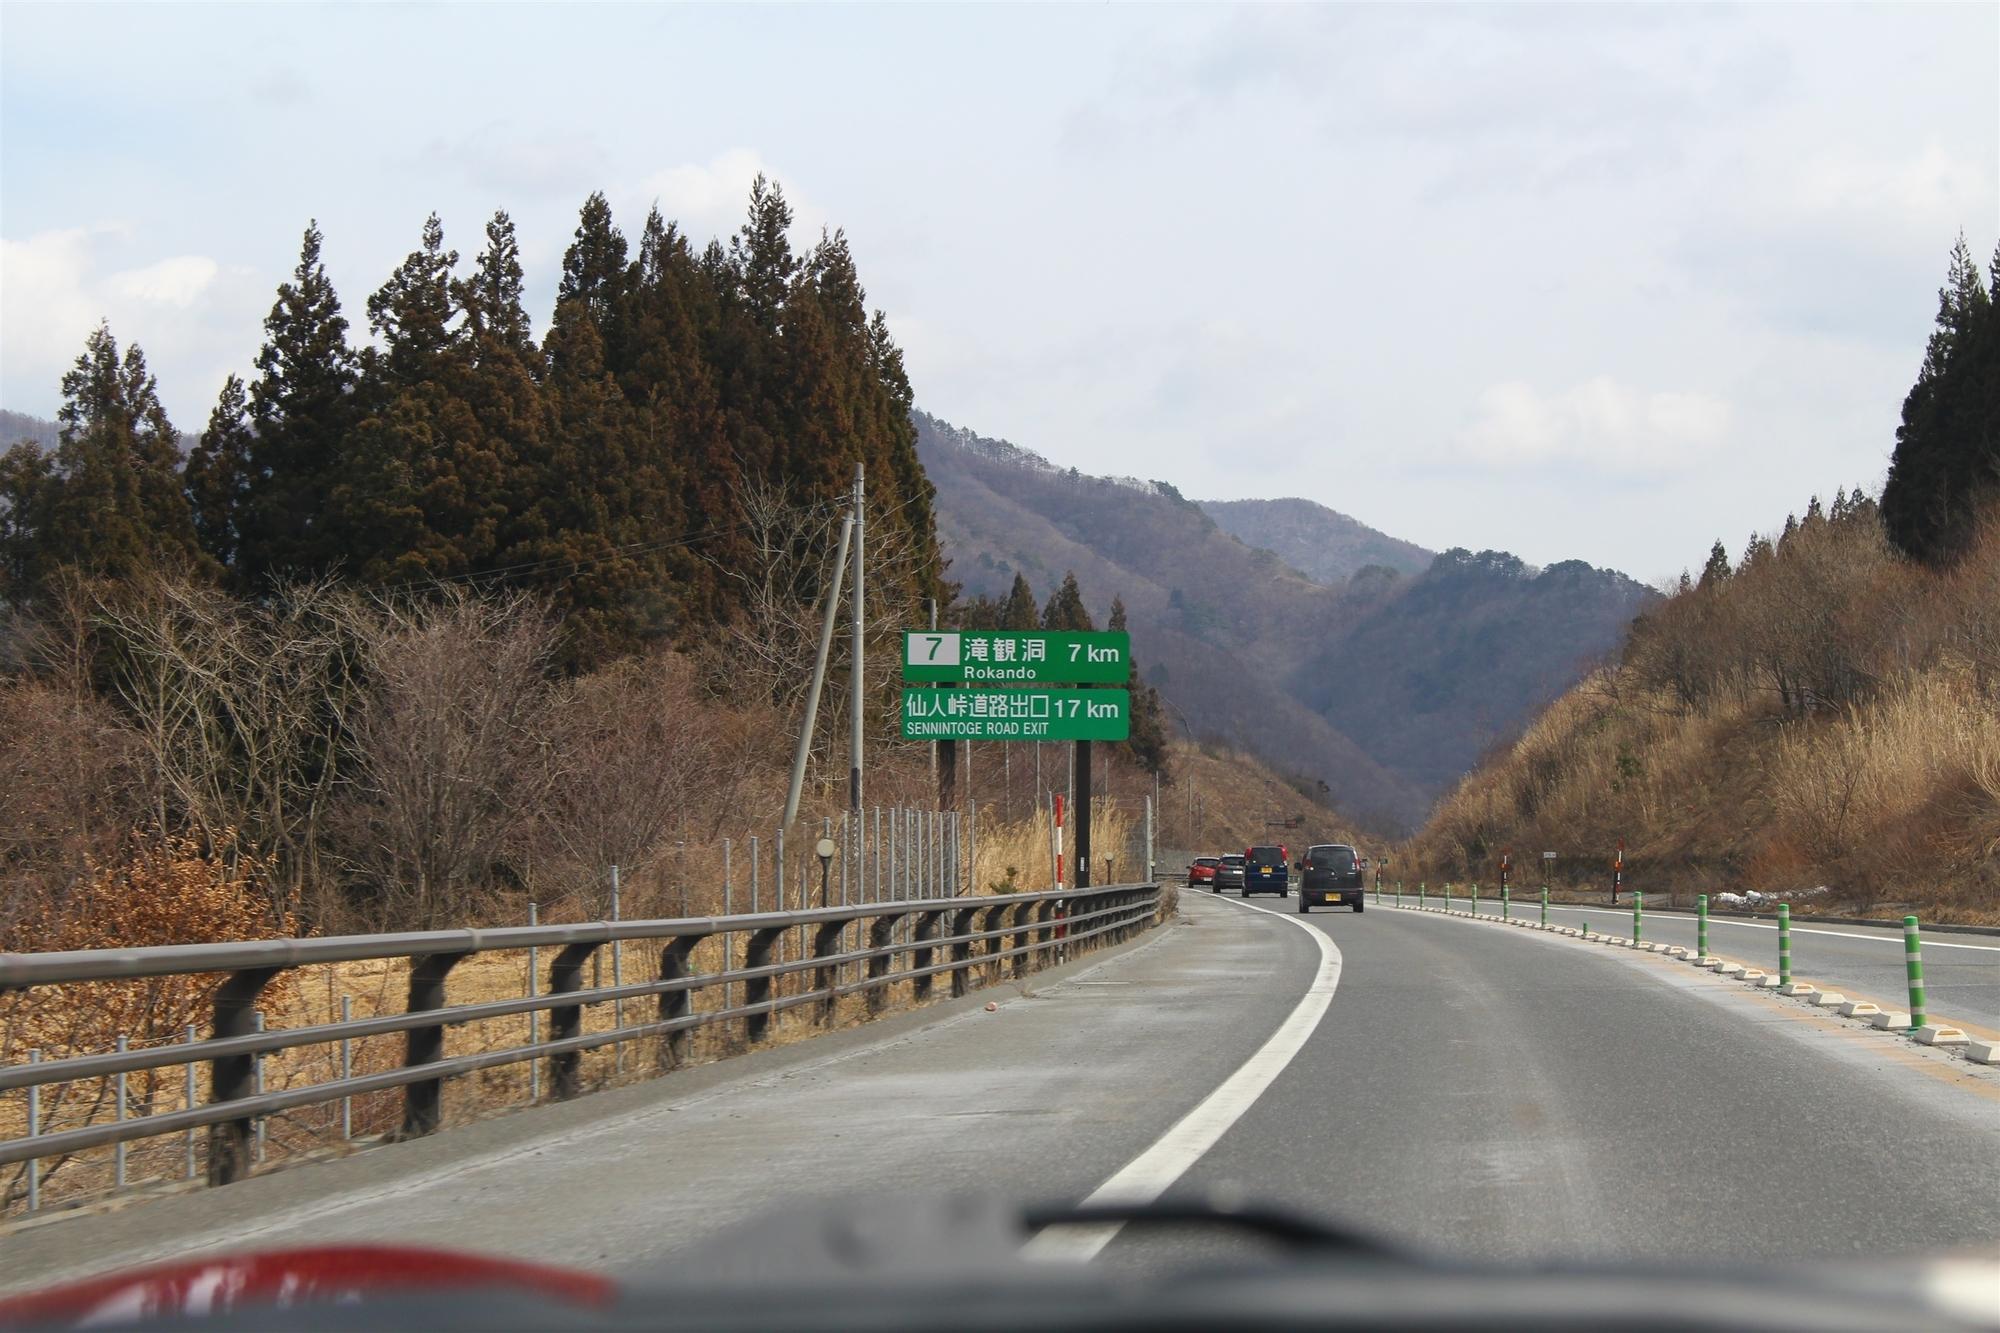 「仙人峠道路出口 17km」